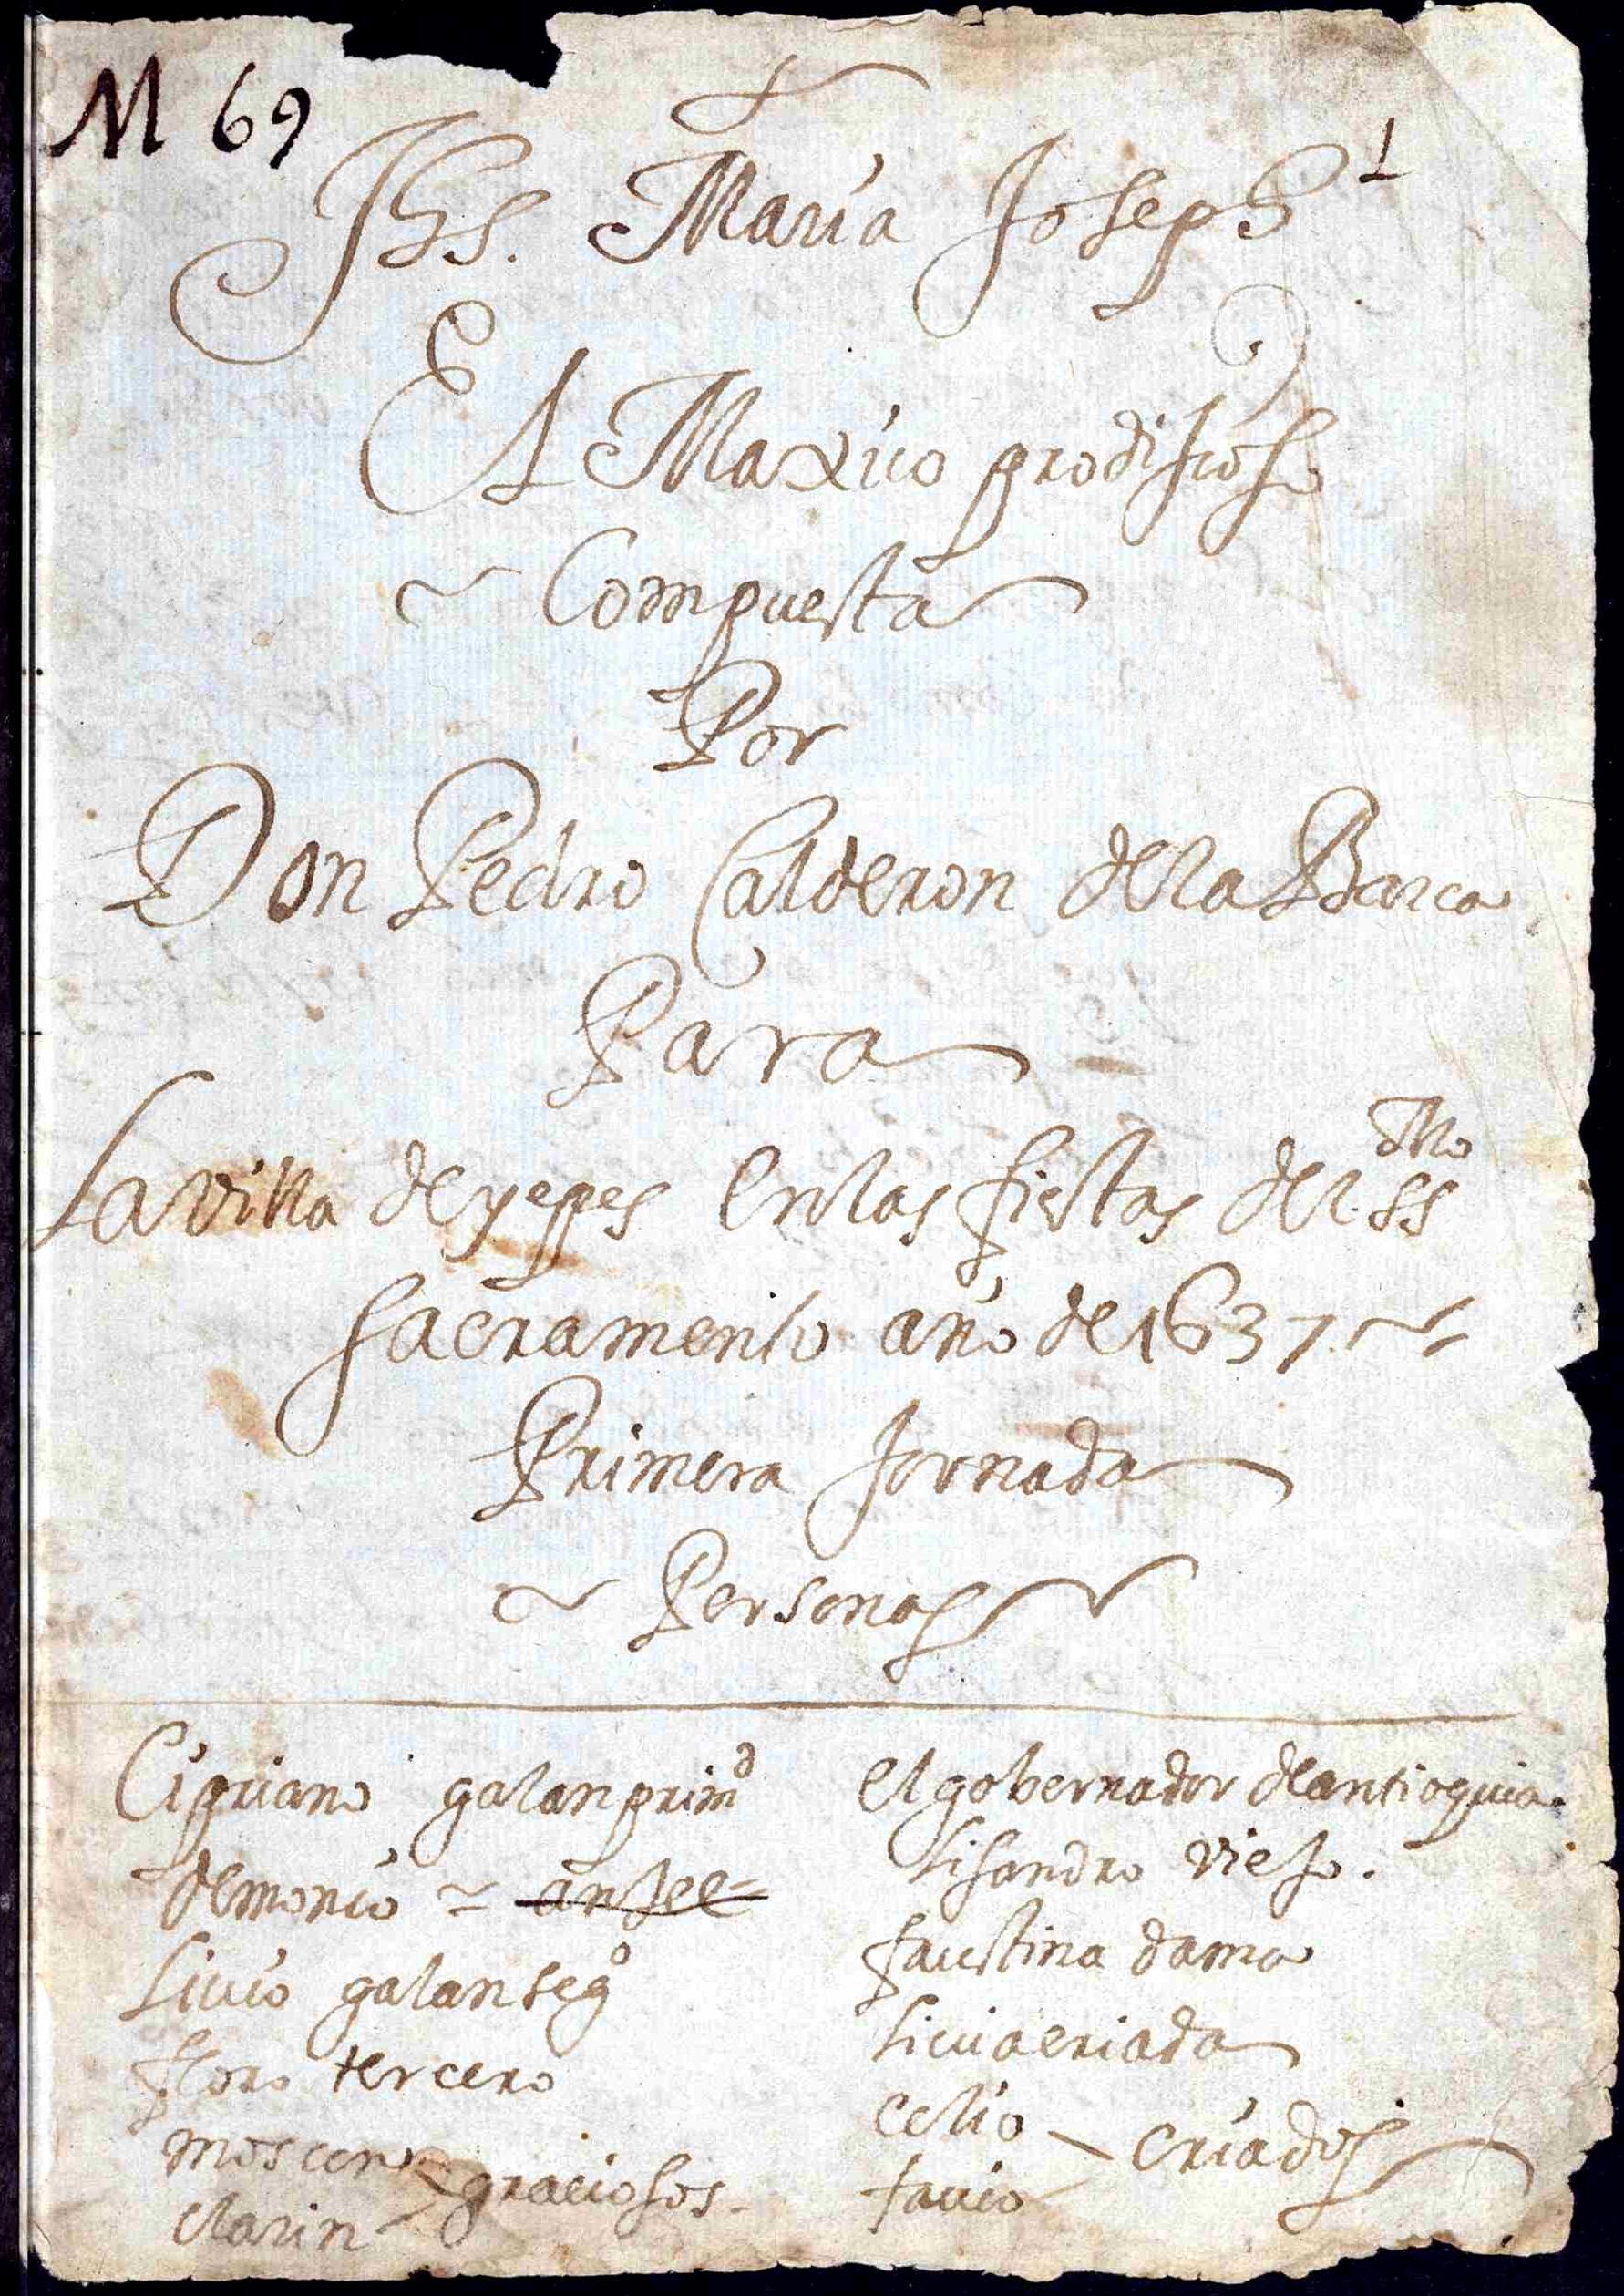 Autógrafo de El mágico prodigioso, 1637.